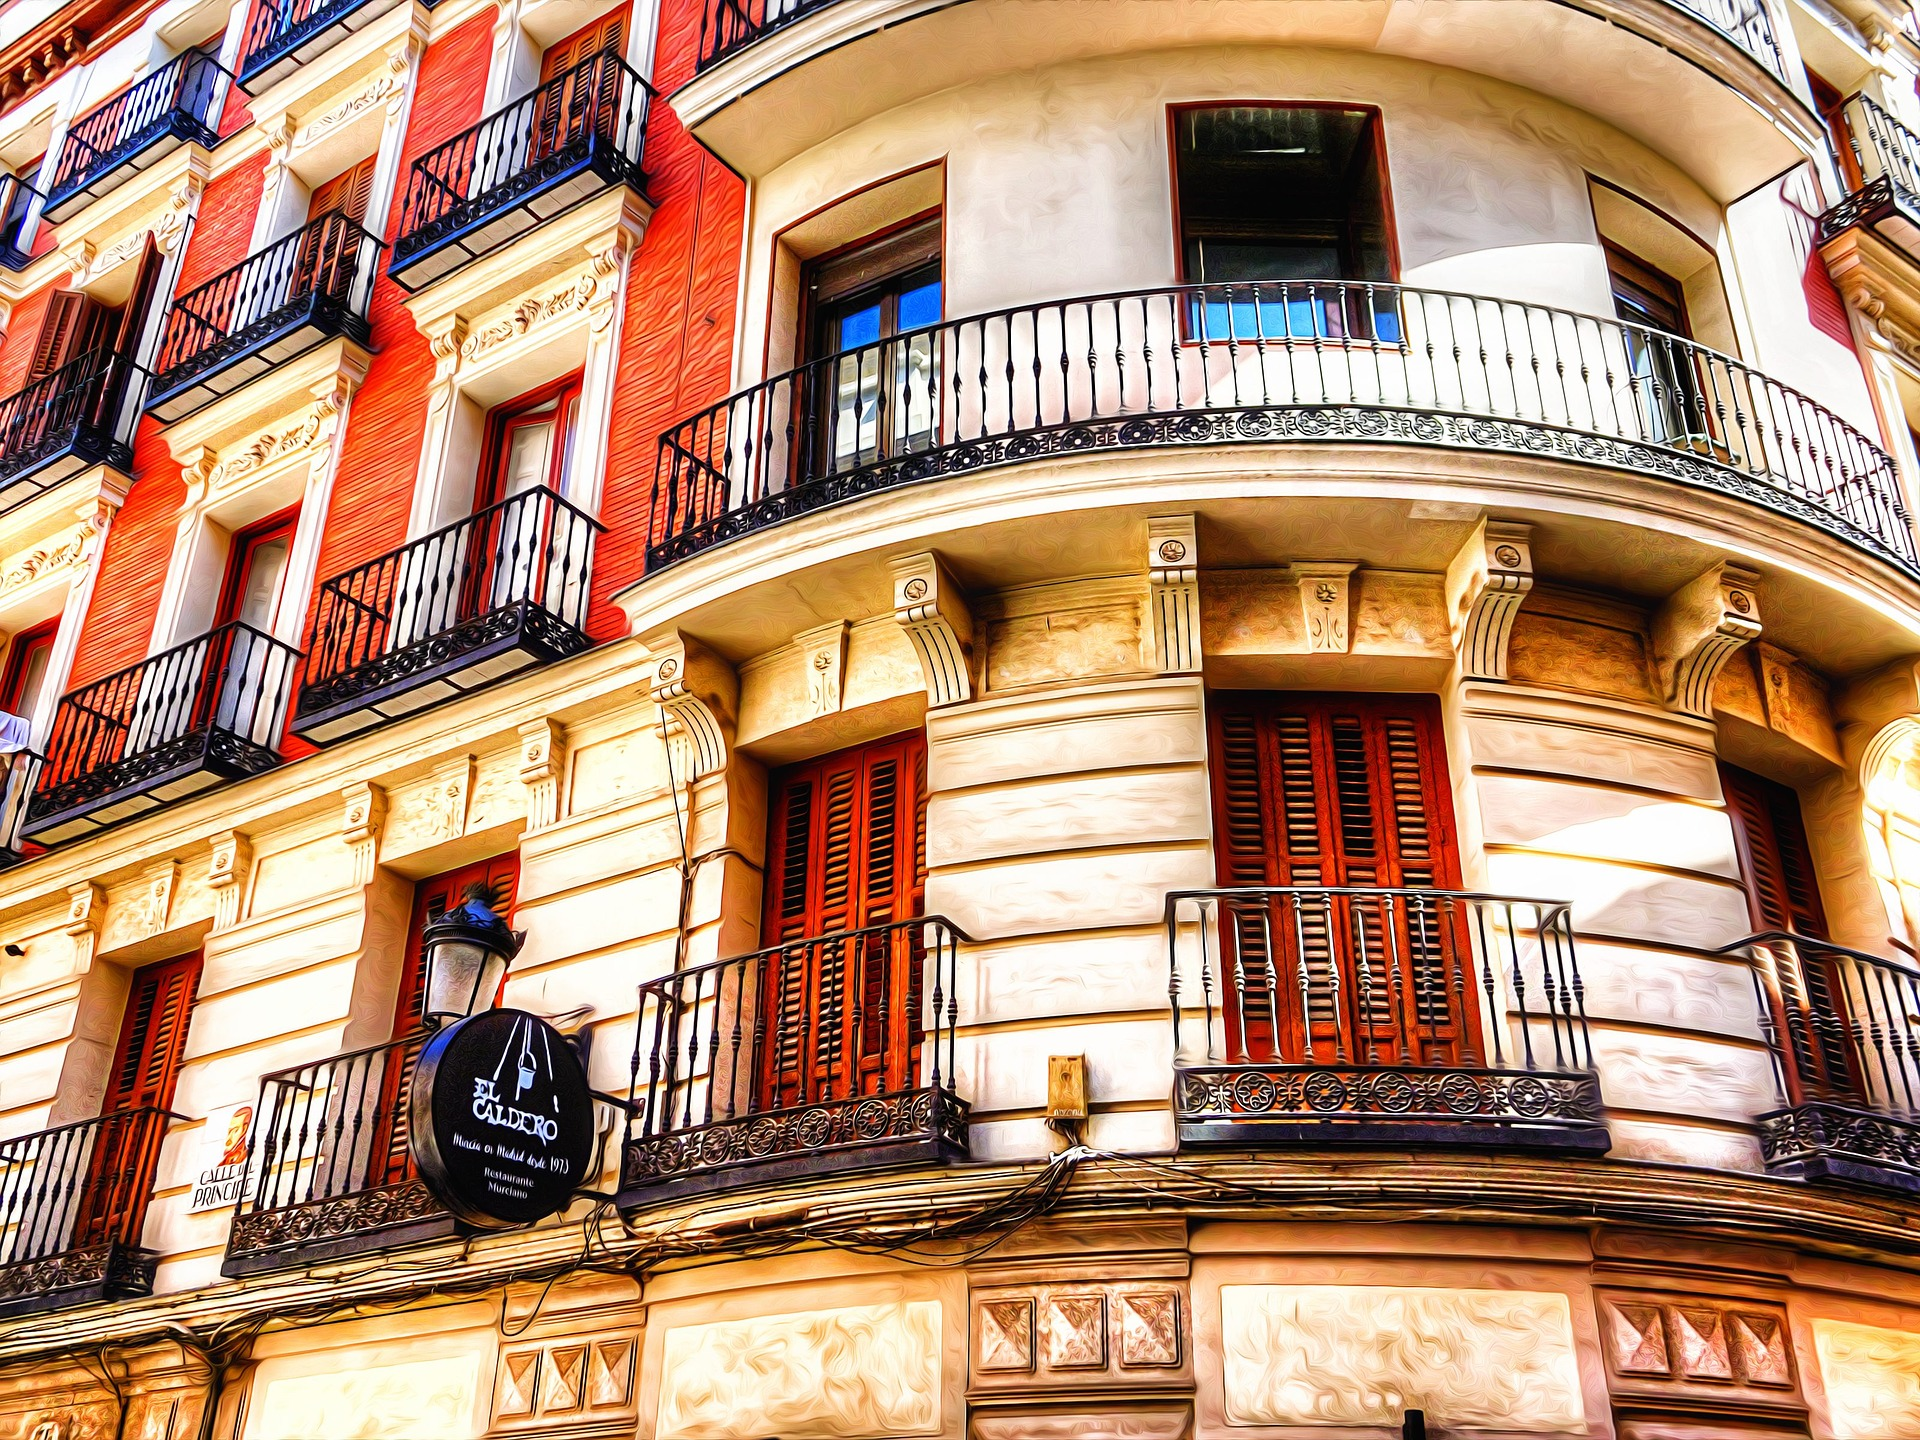 Madrid et la castille phileas frog Miss sixty madrid